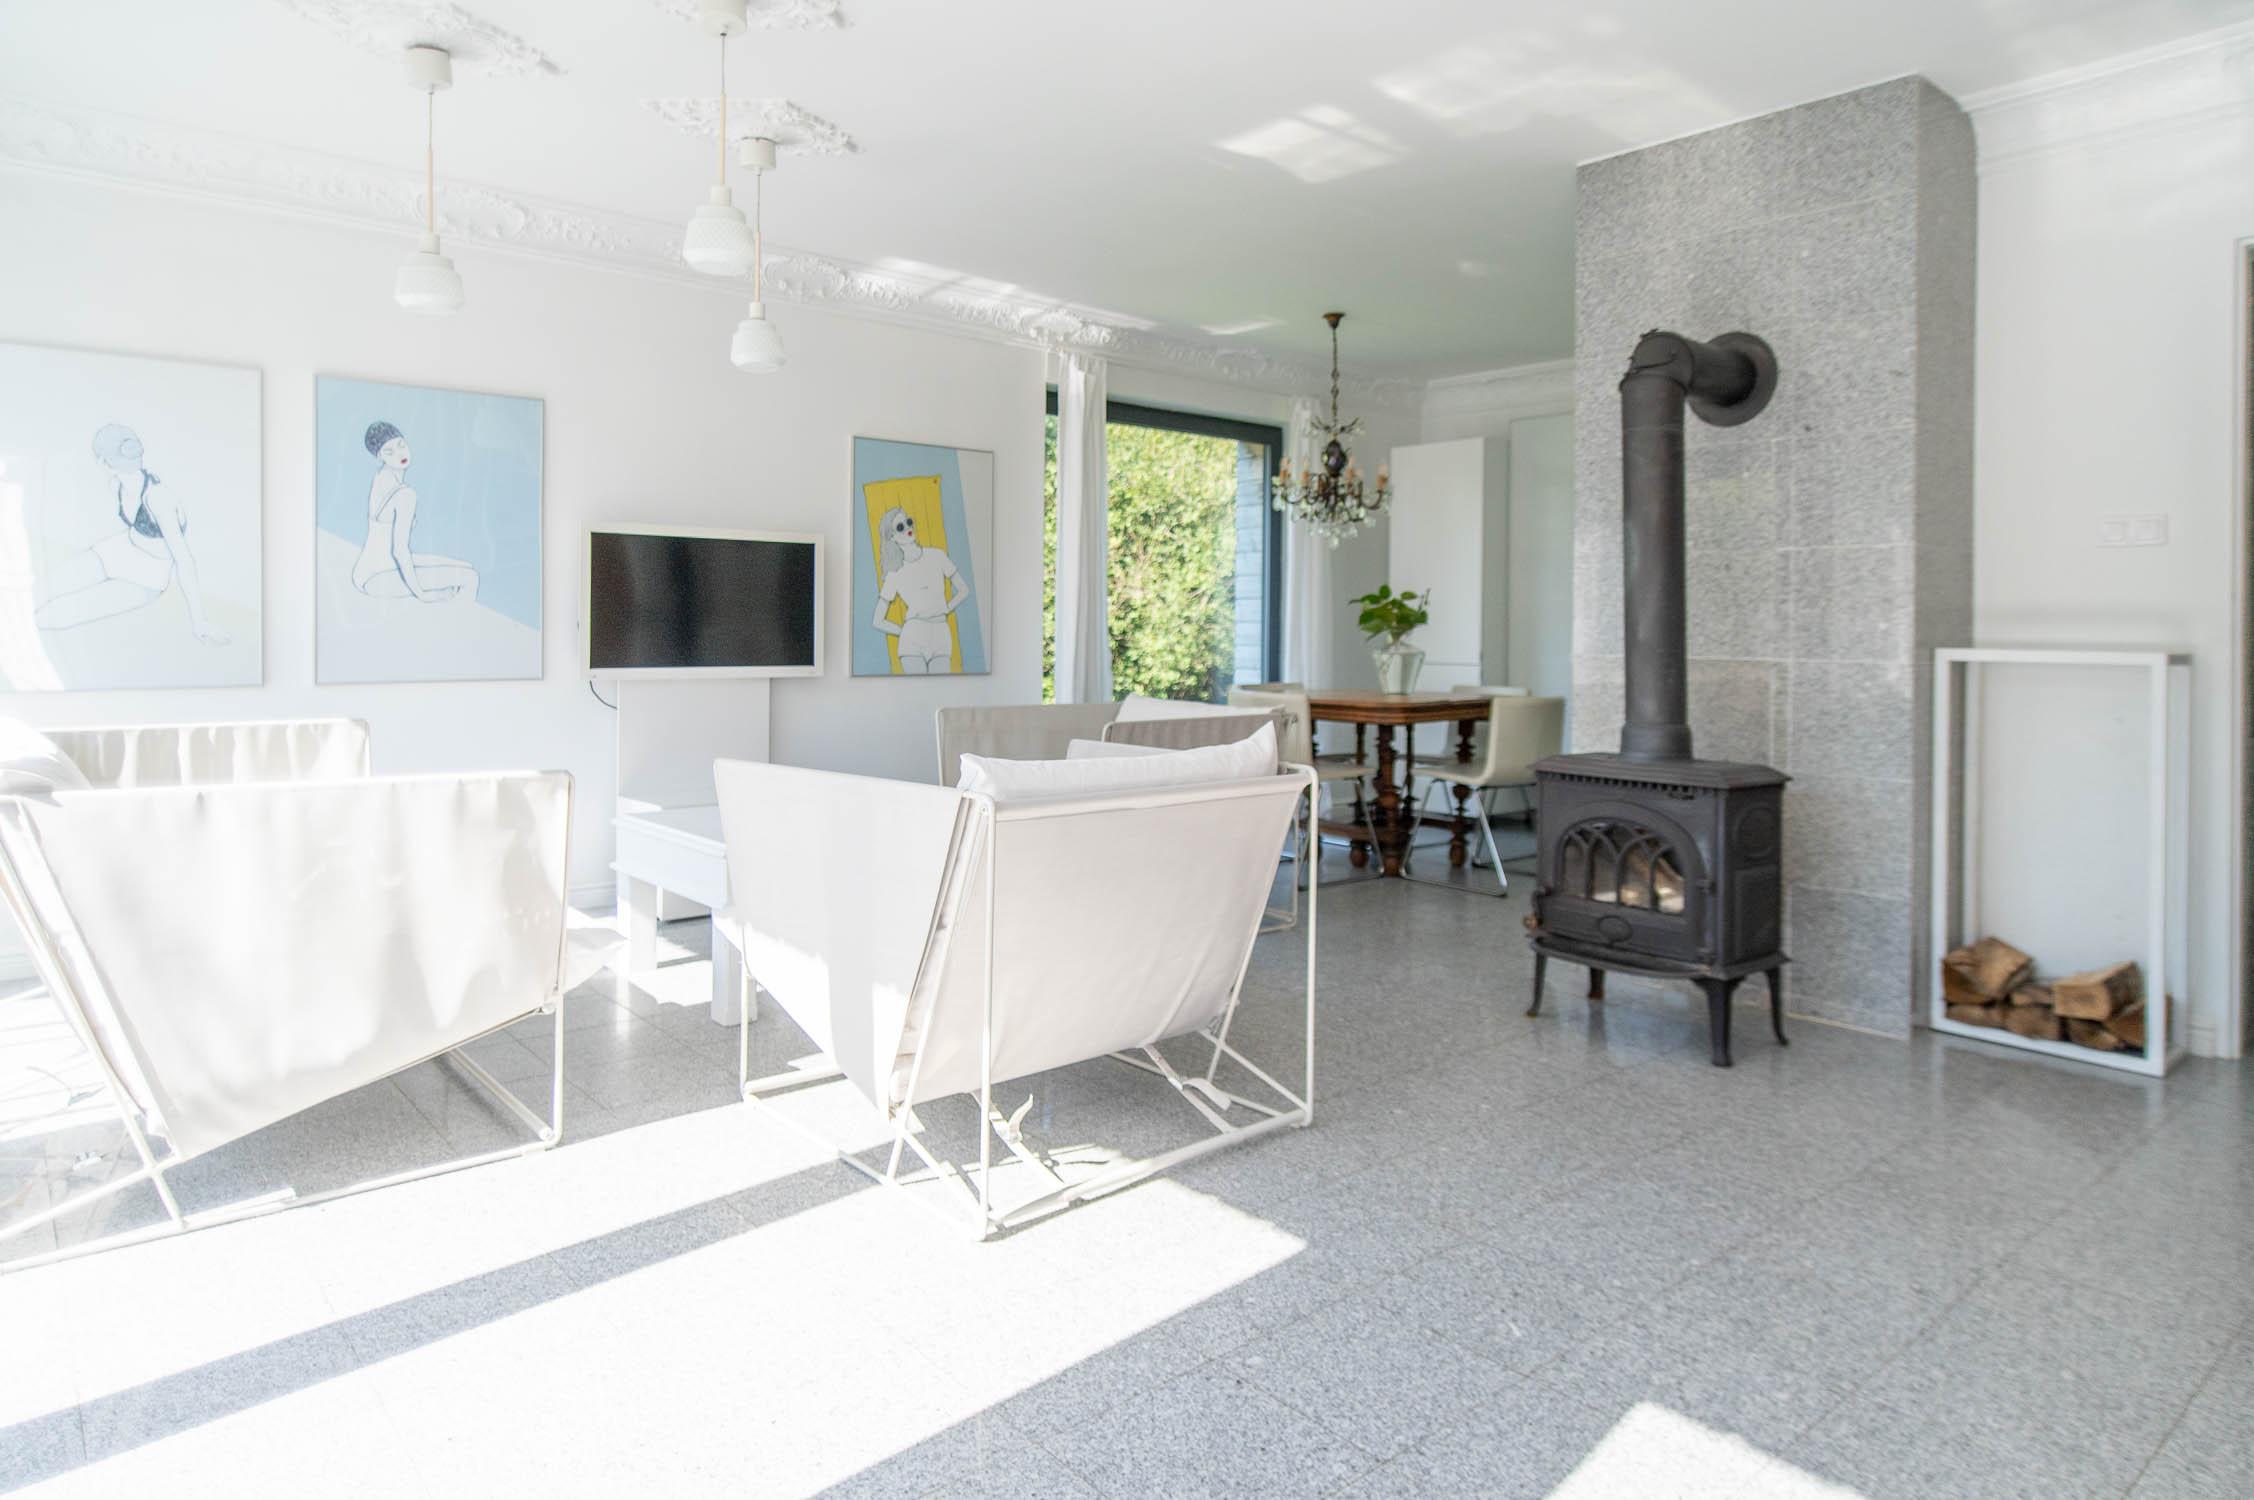 Cisowy Zakatek 20 - Cisowy Zakątek - niezwykłe domy nad morzem w Sasinie